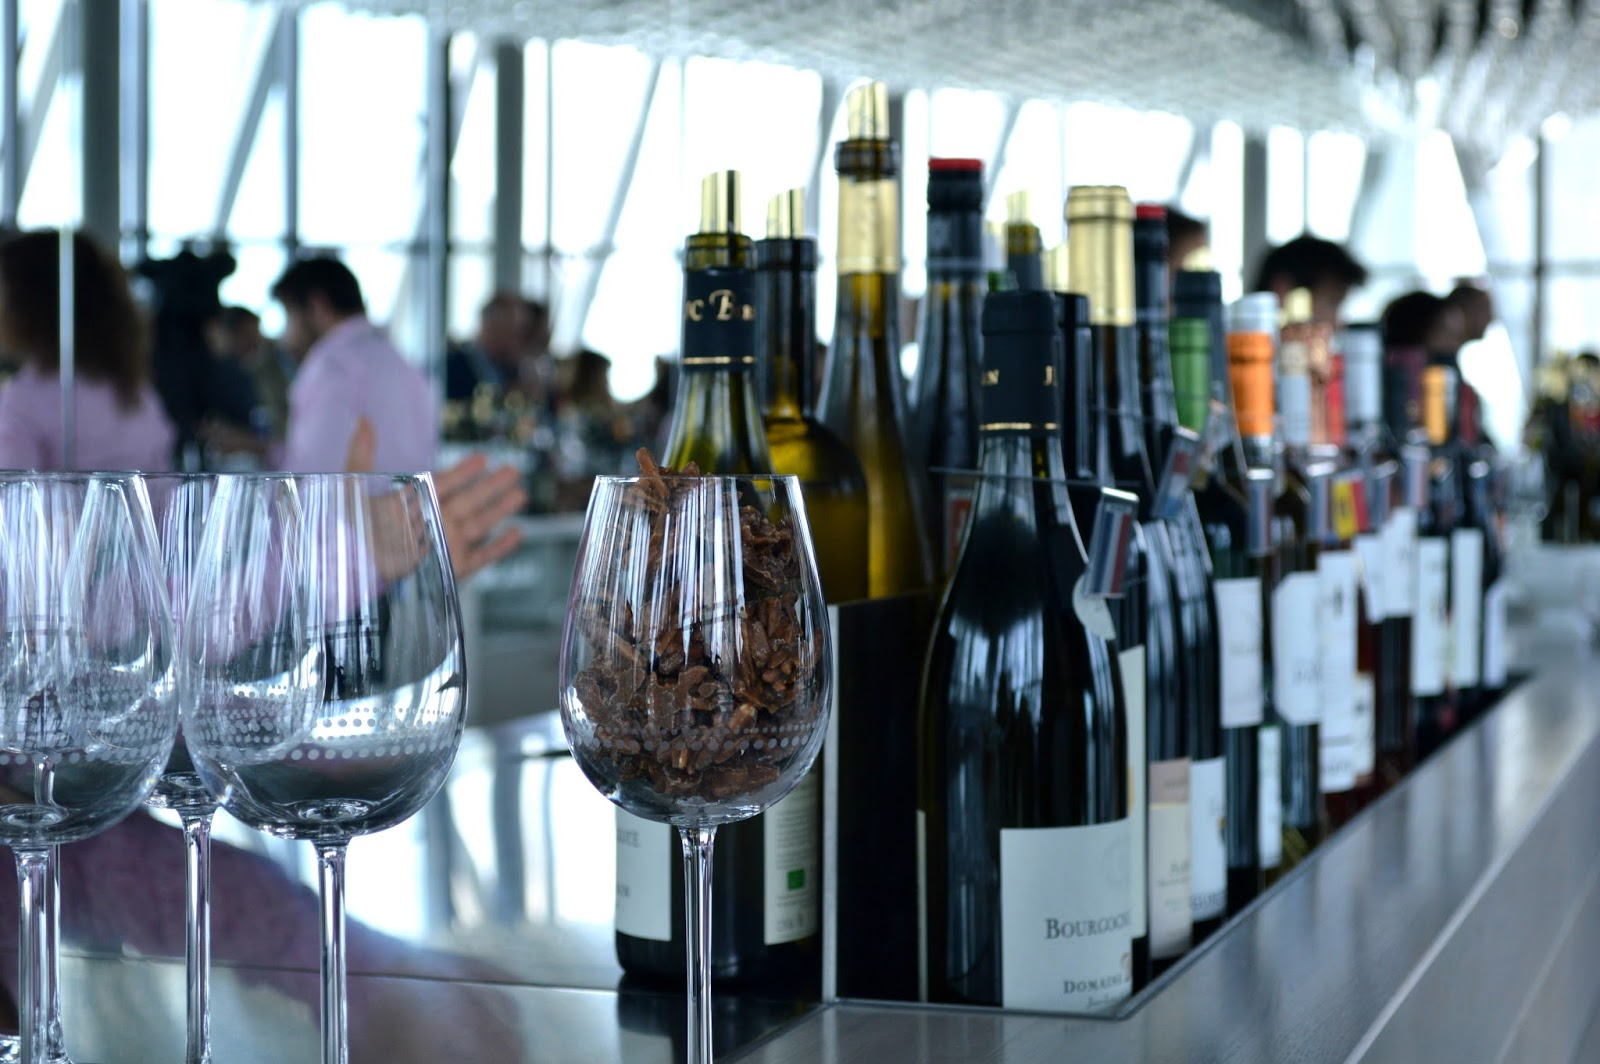 Ouverture de la cit du vin bordeaux camille in bordeaux for Les chambres de camille bordeaux